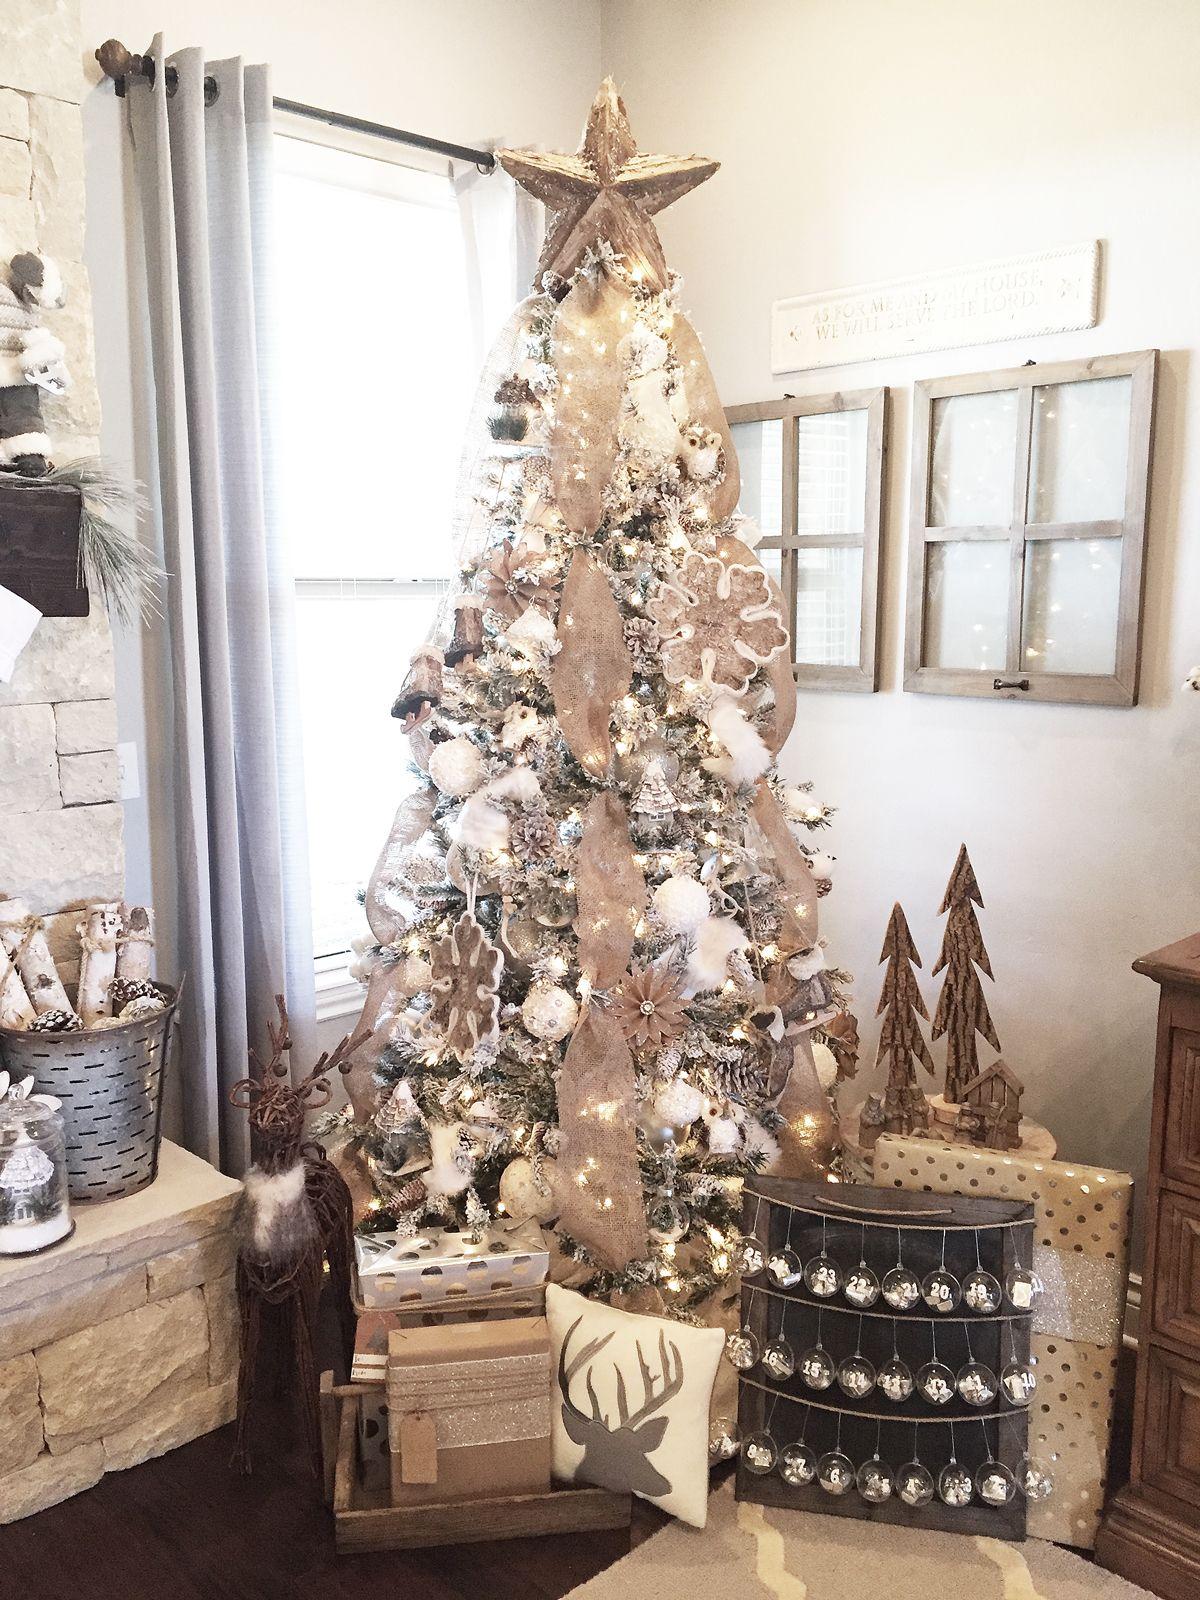 Rustic Christmas Mantel Decor Ideas Farmhouse christmas